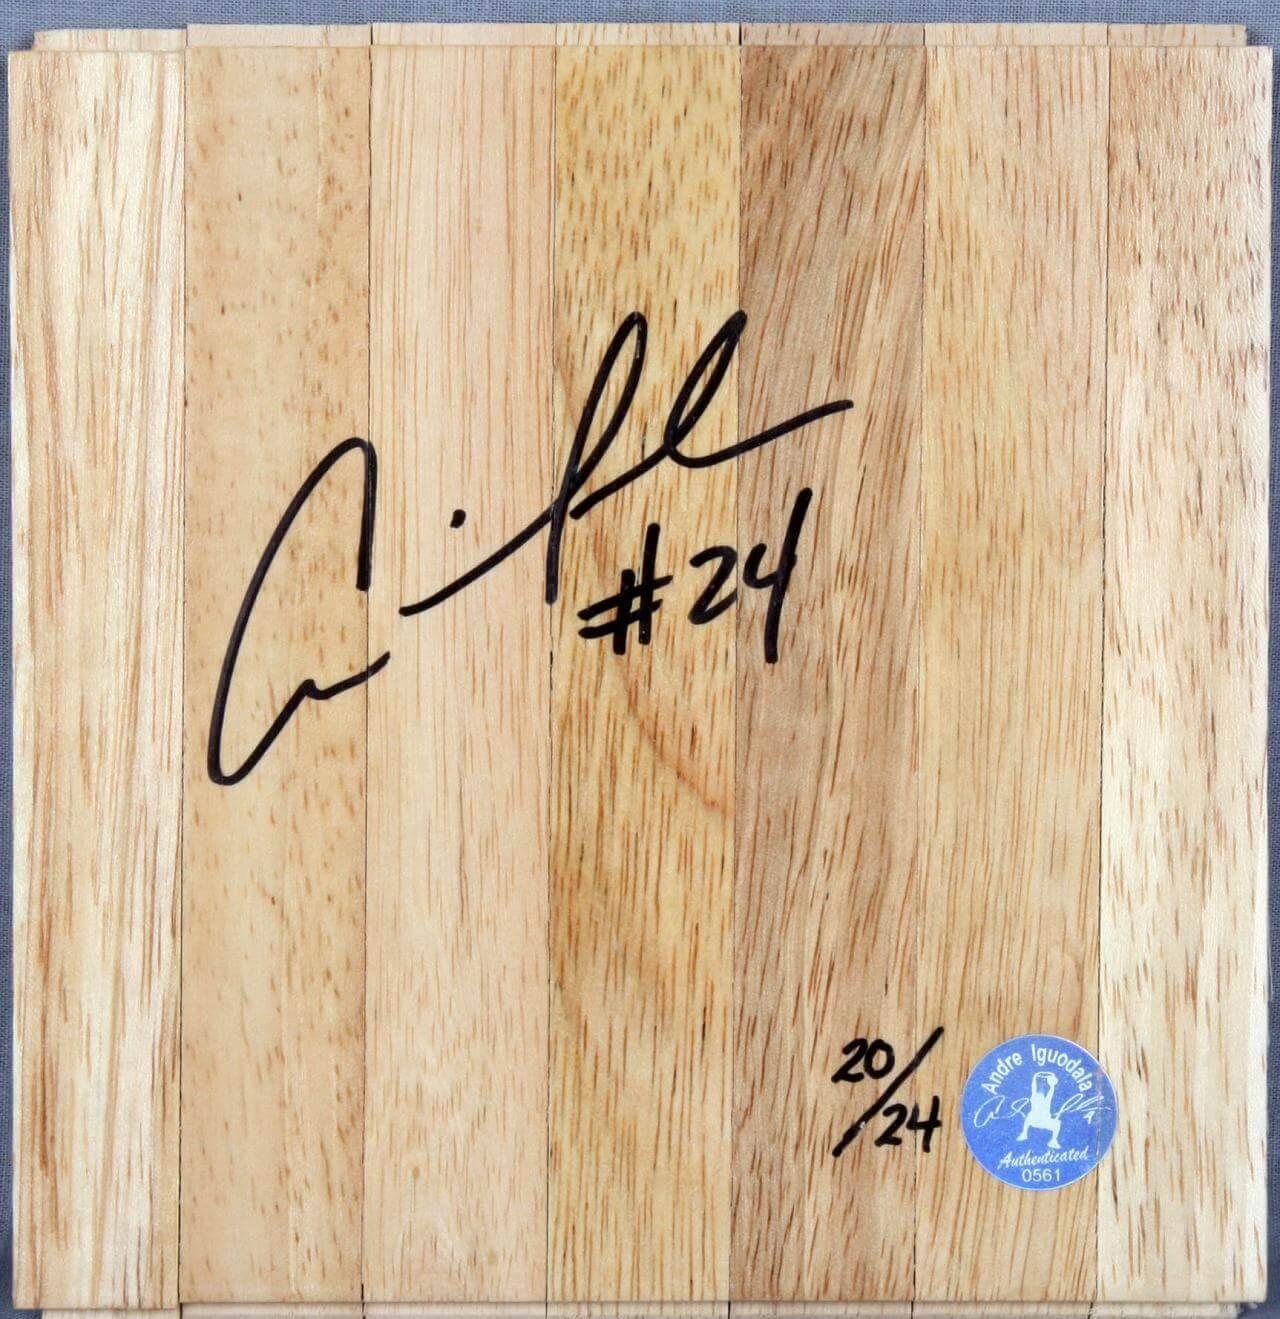 Golden State Warriors – Andre Iguodala Signed Wood Basketball Floor (Player's Hologram & COA)